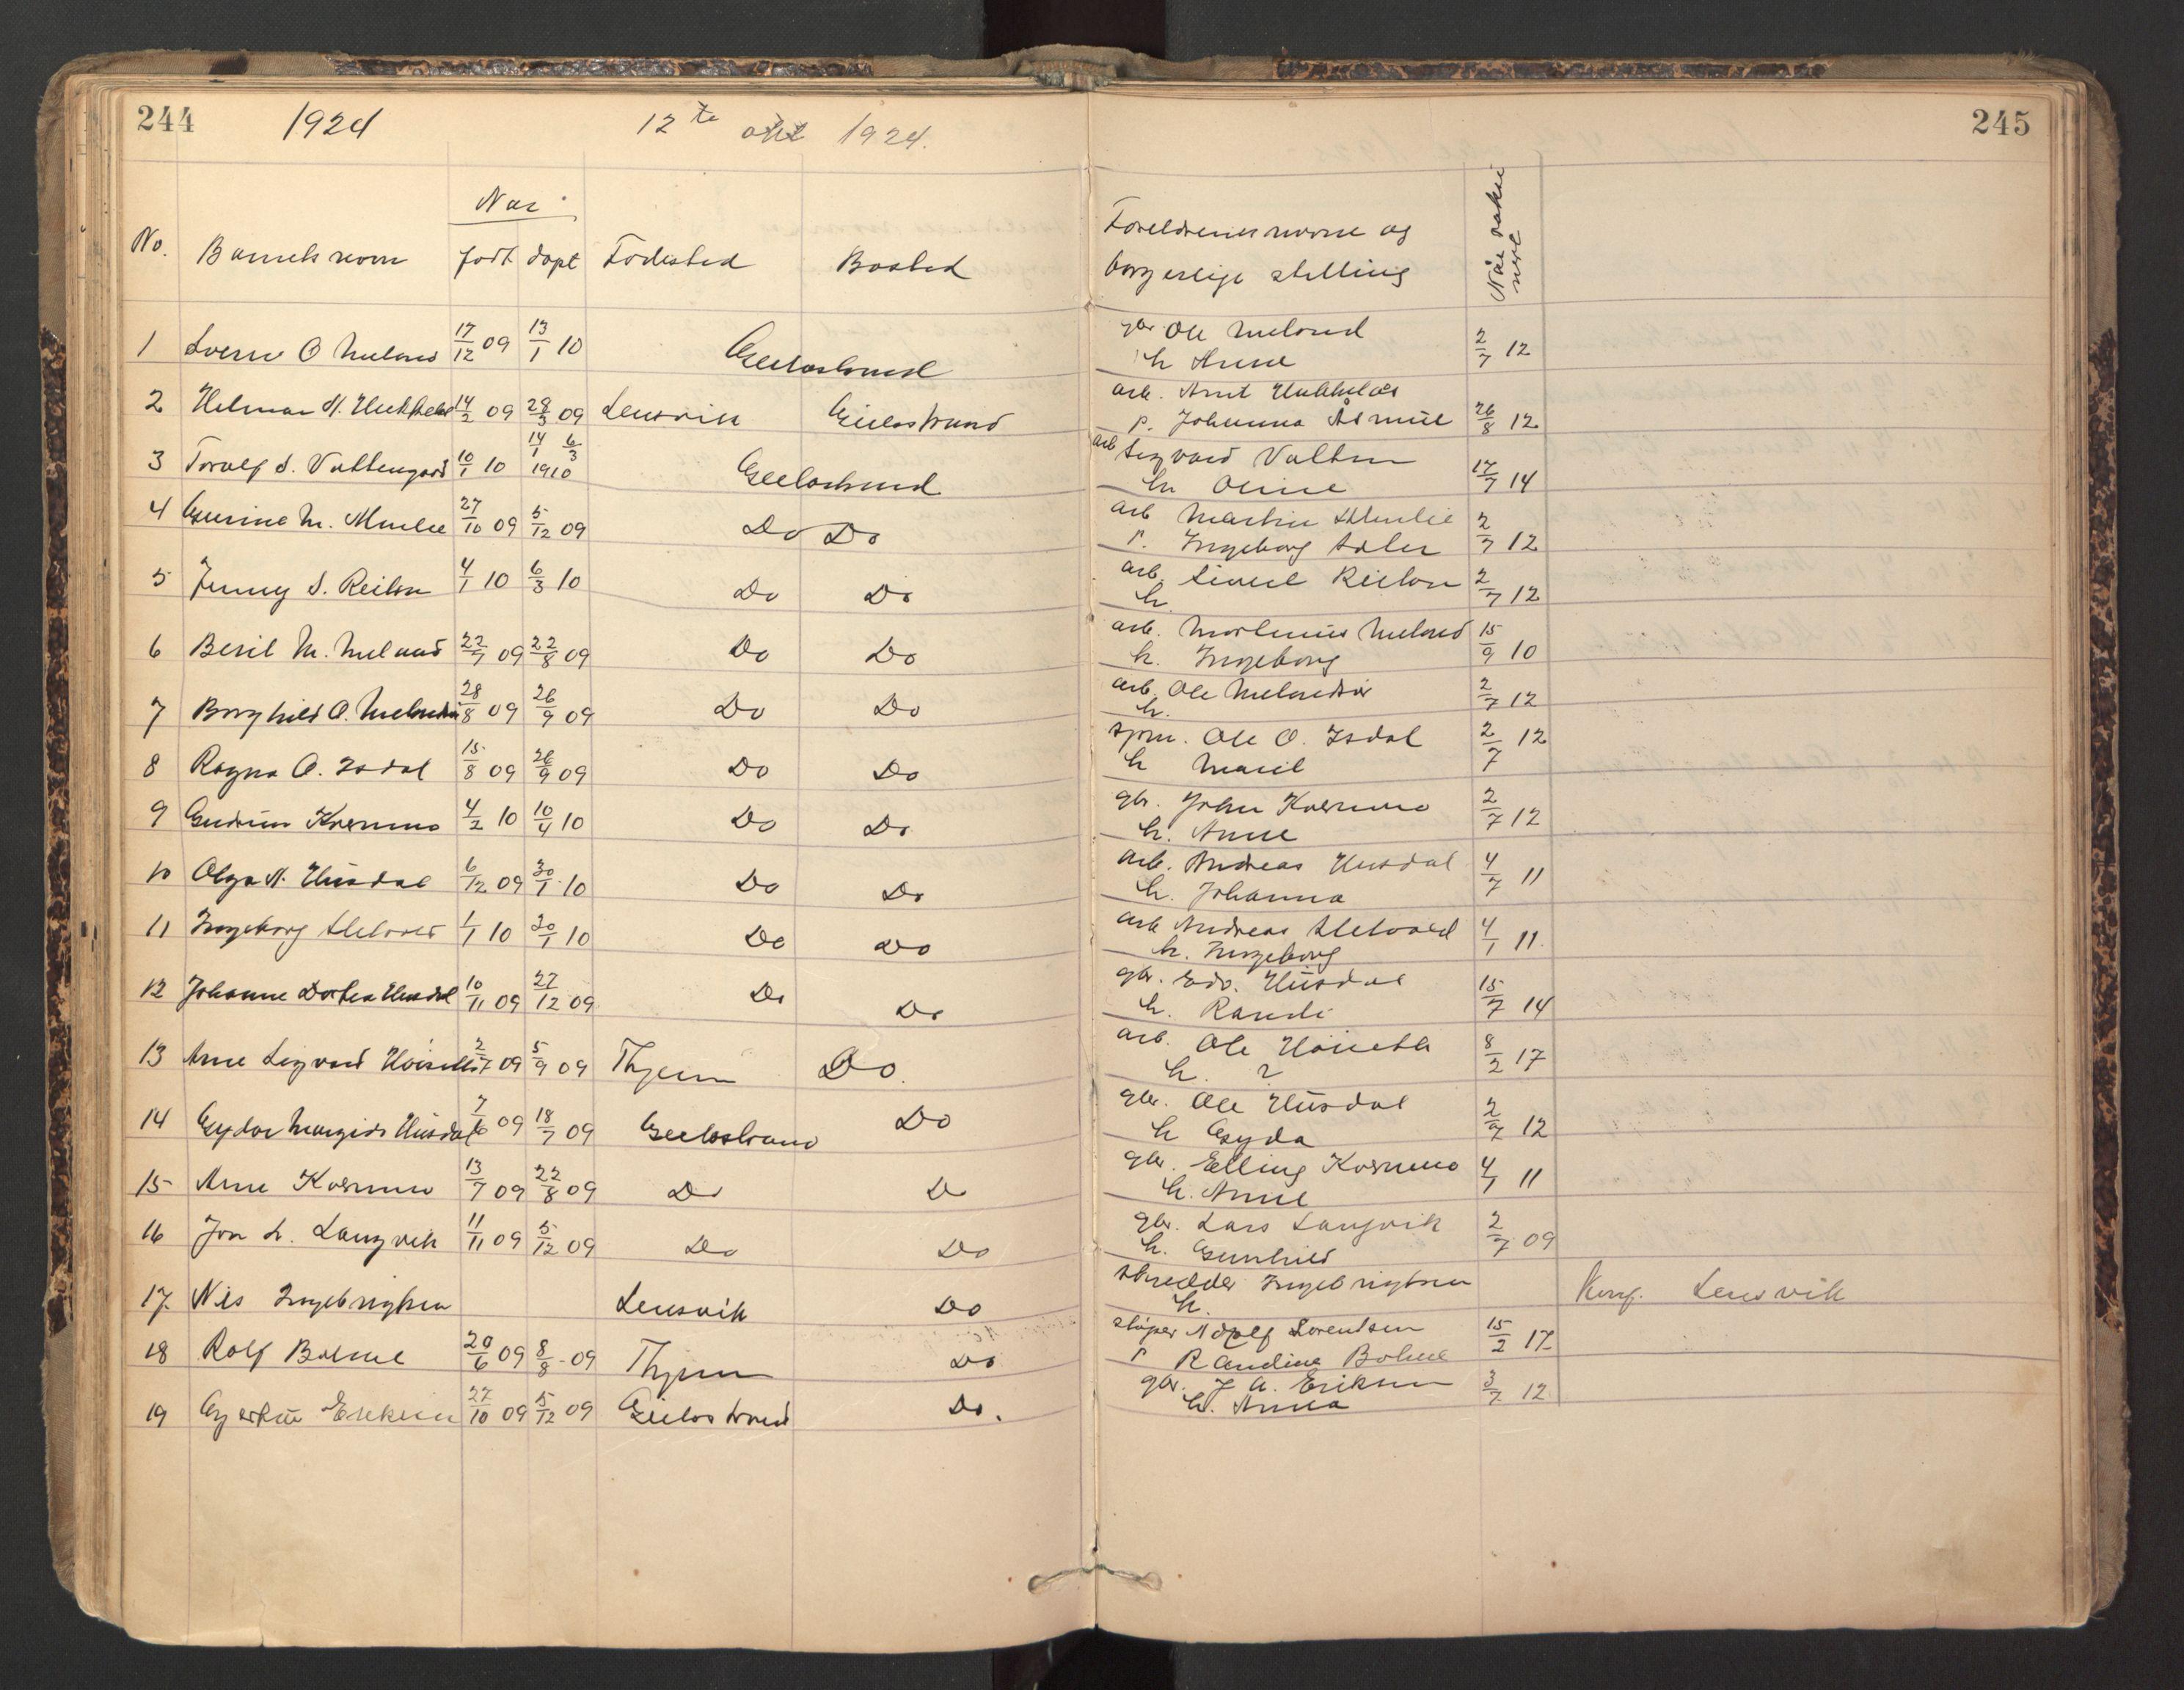 SAT, Ministerialprotokoller, klokkerbøker og fødselsregistre - Sør-Trøndelag, 670/L0837: Klokkerbok nr. 670C01, 1905-1946, s. 244-245